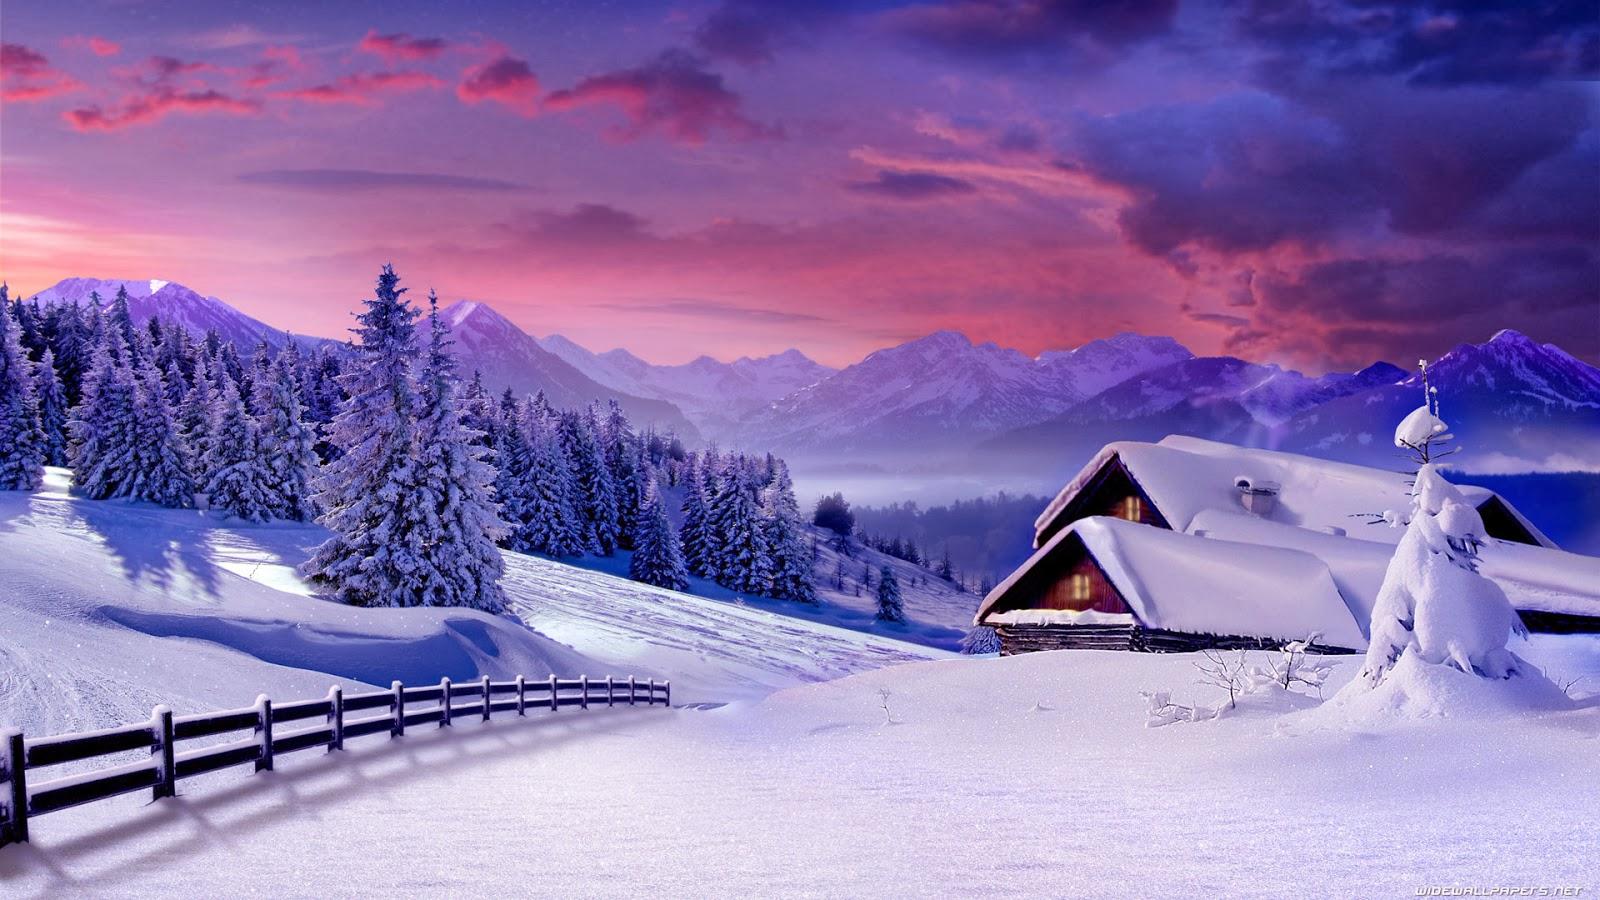 Desktop Backgrounds 4U Winter Scenes 1600x900